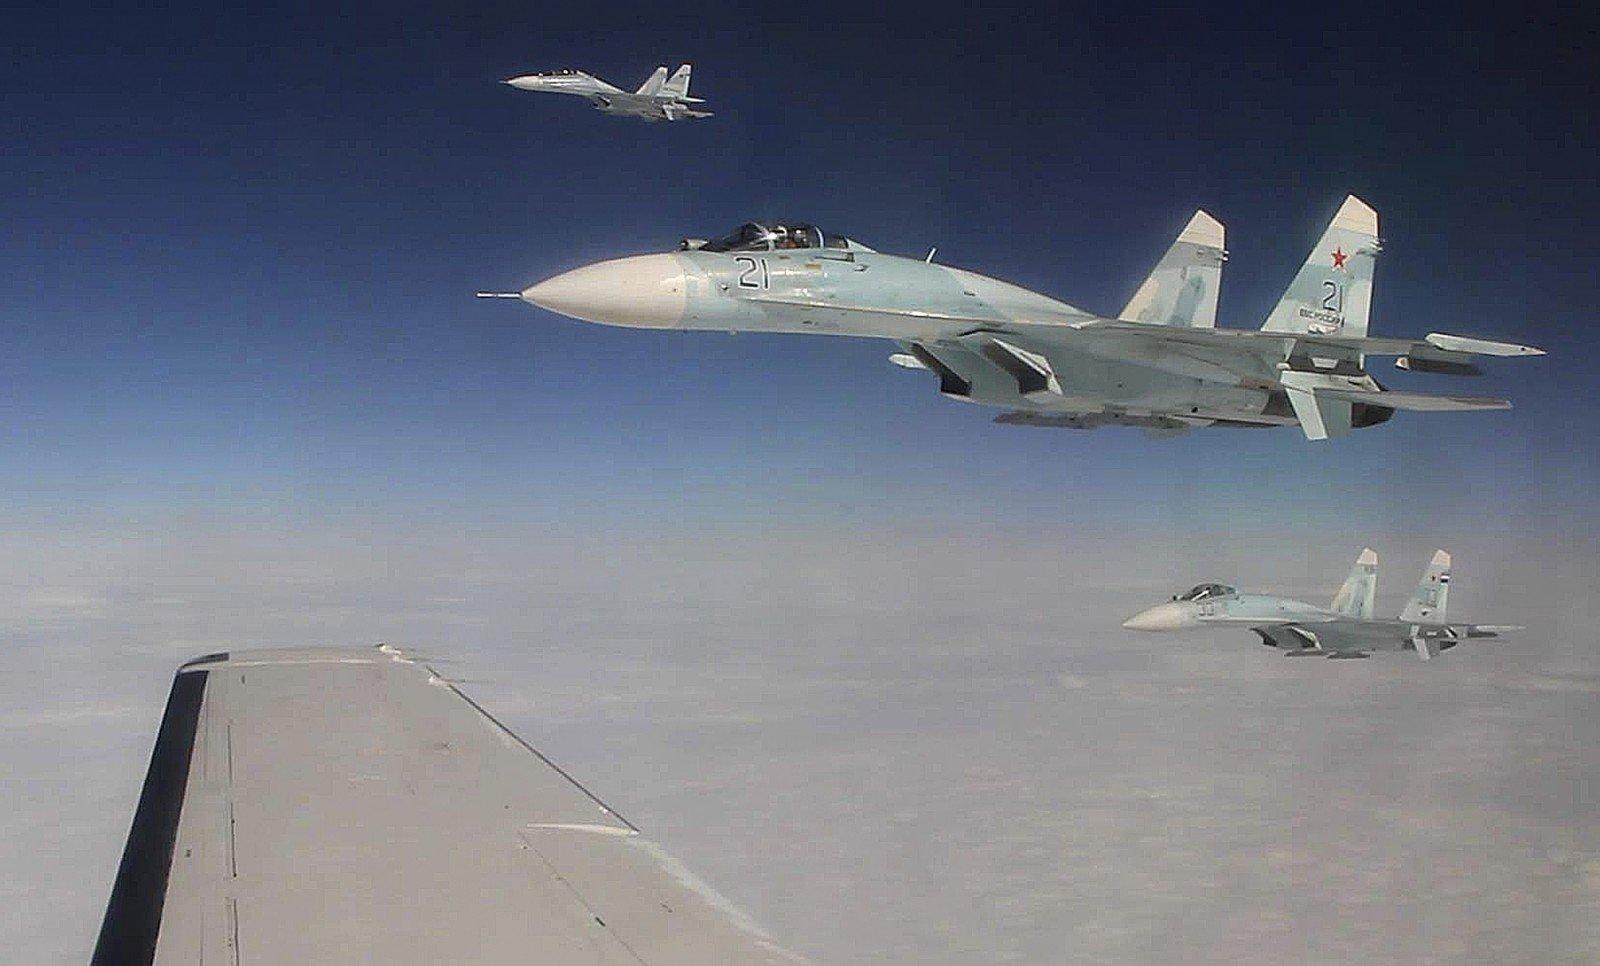 Русский Су-27 несовершал рискованных маневров около самолета США— Государственная дума